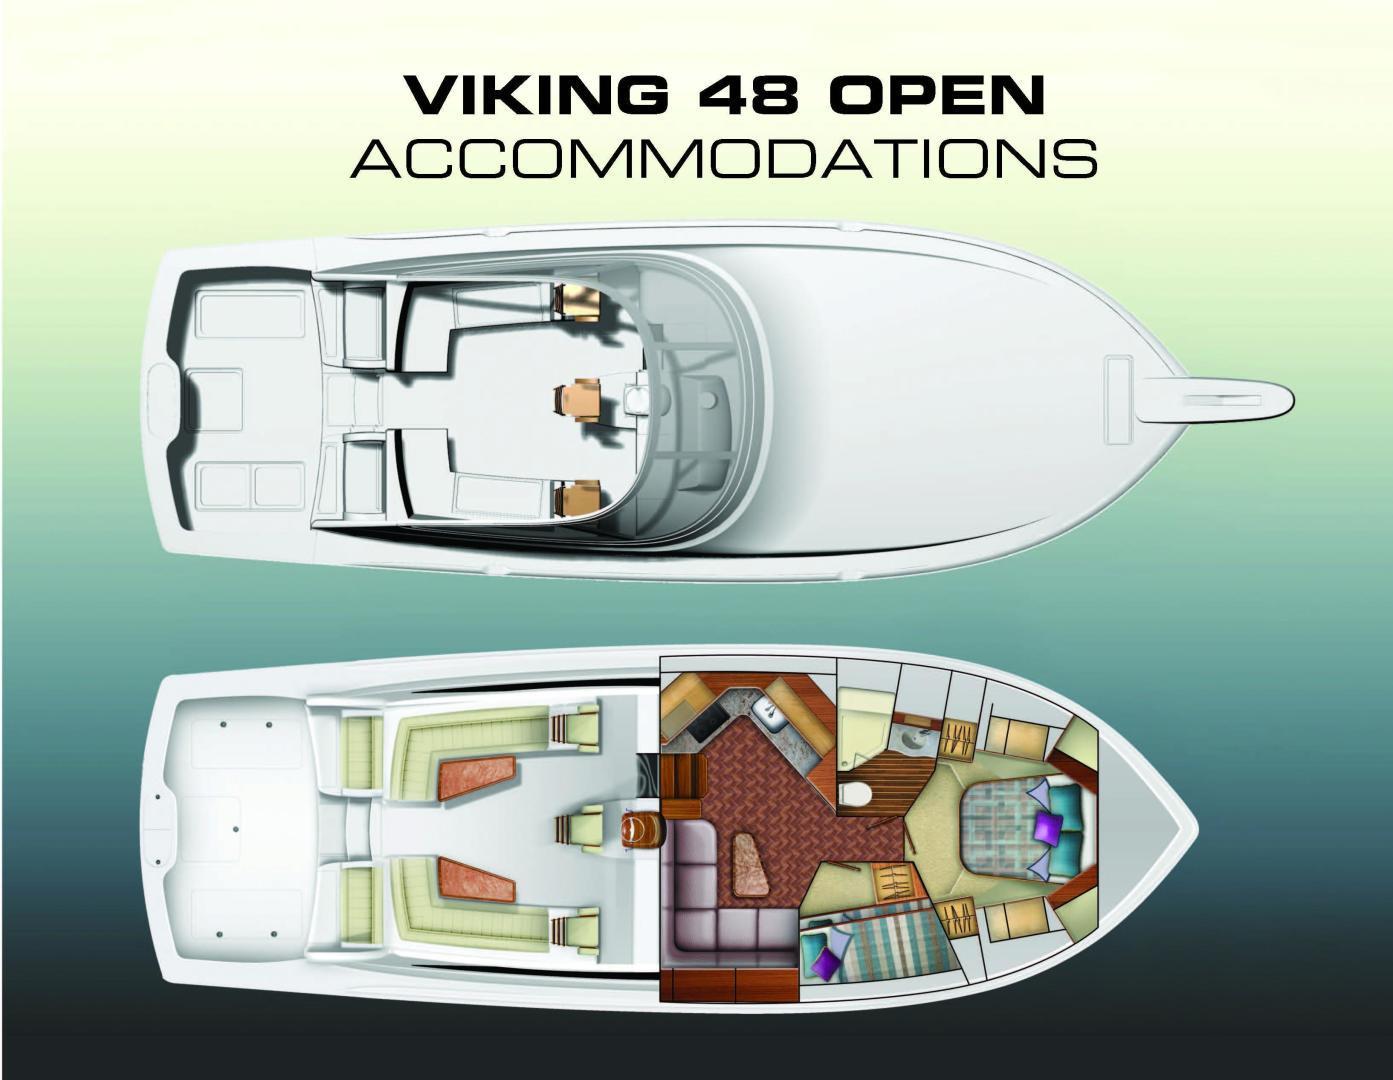 Viking 48 - Layout Accommodations